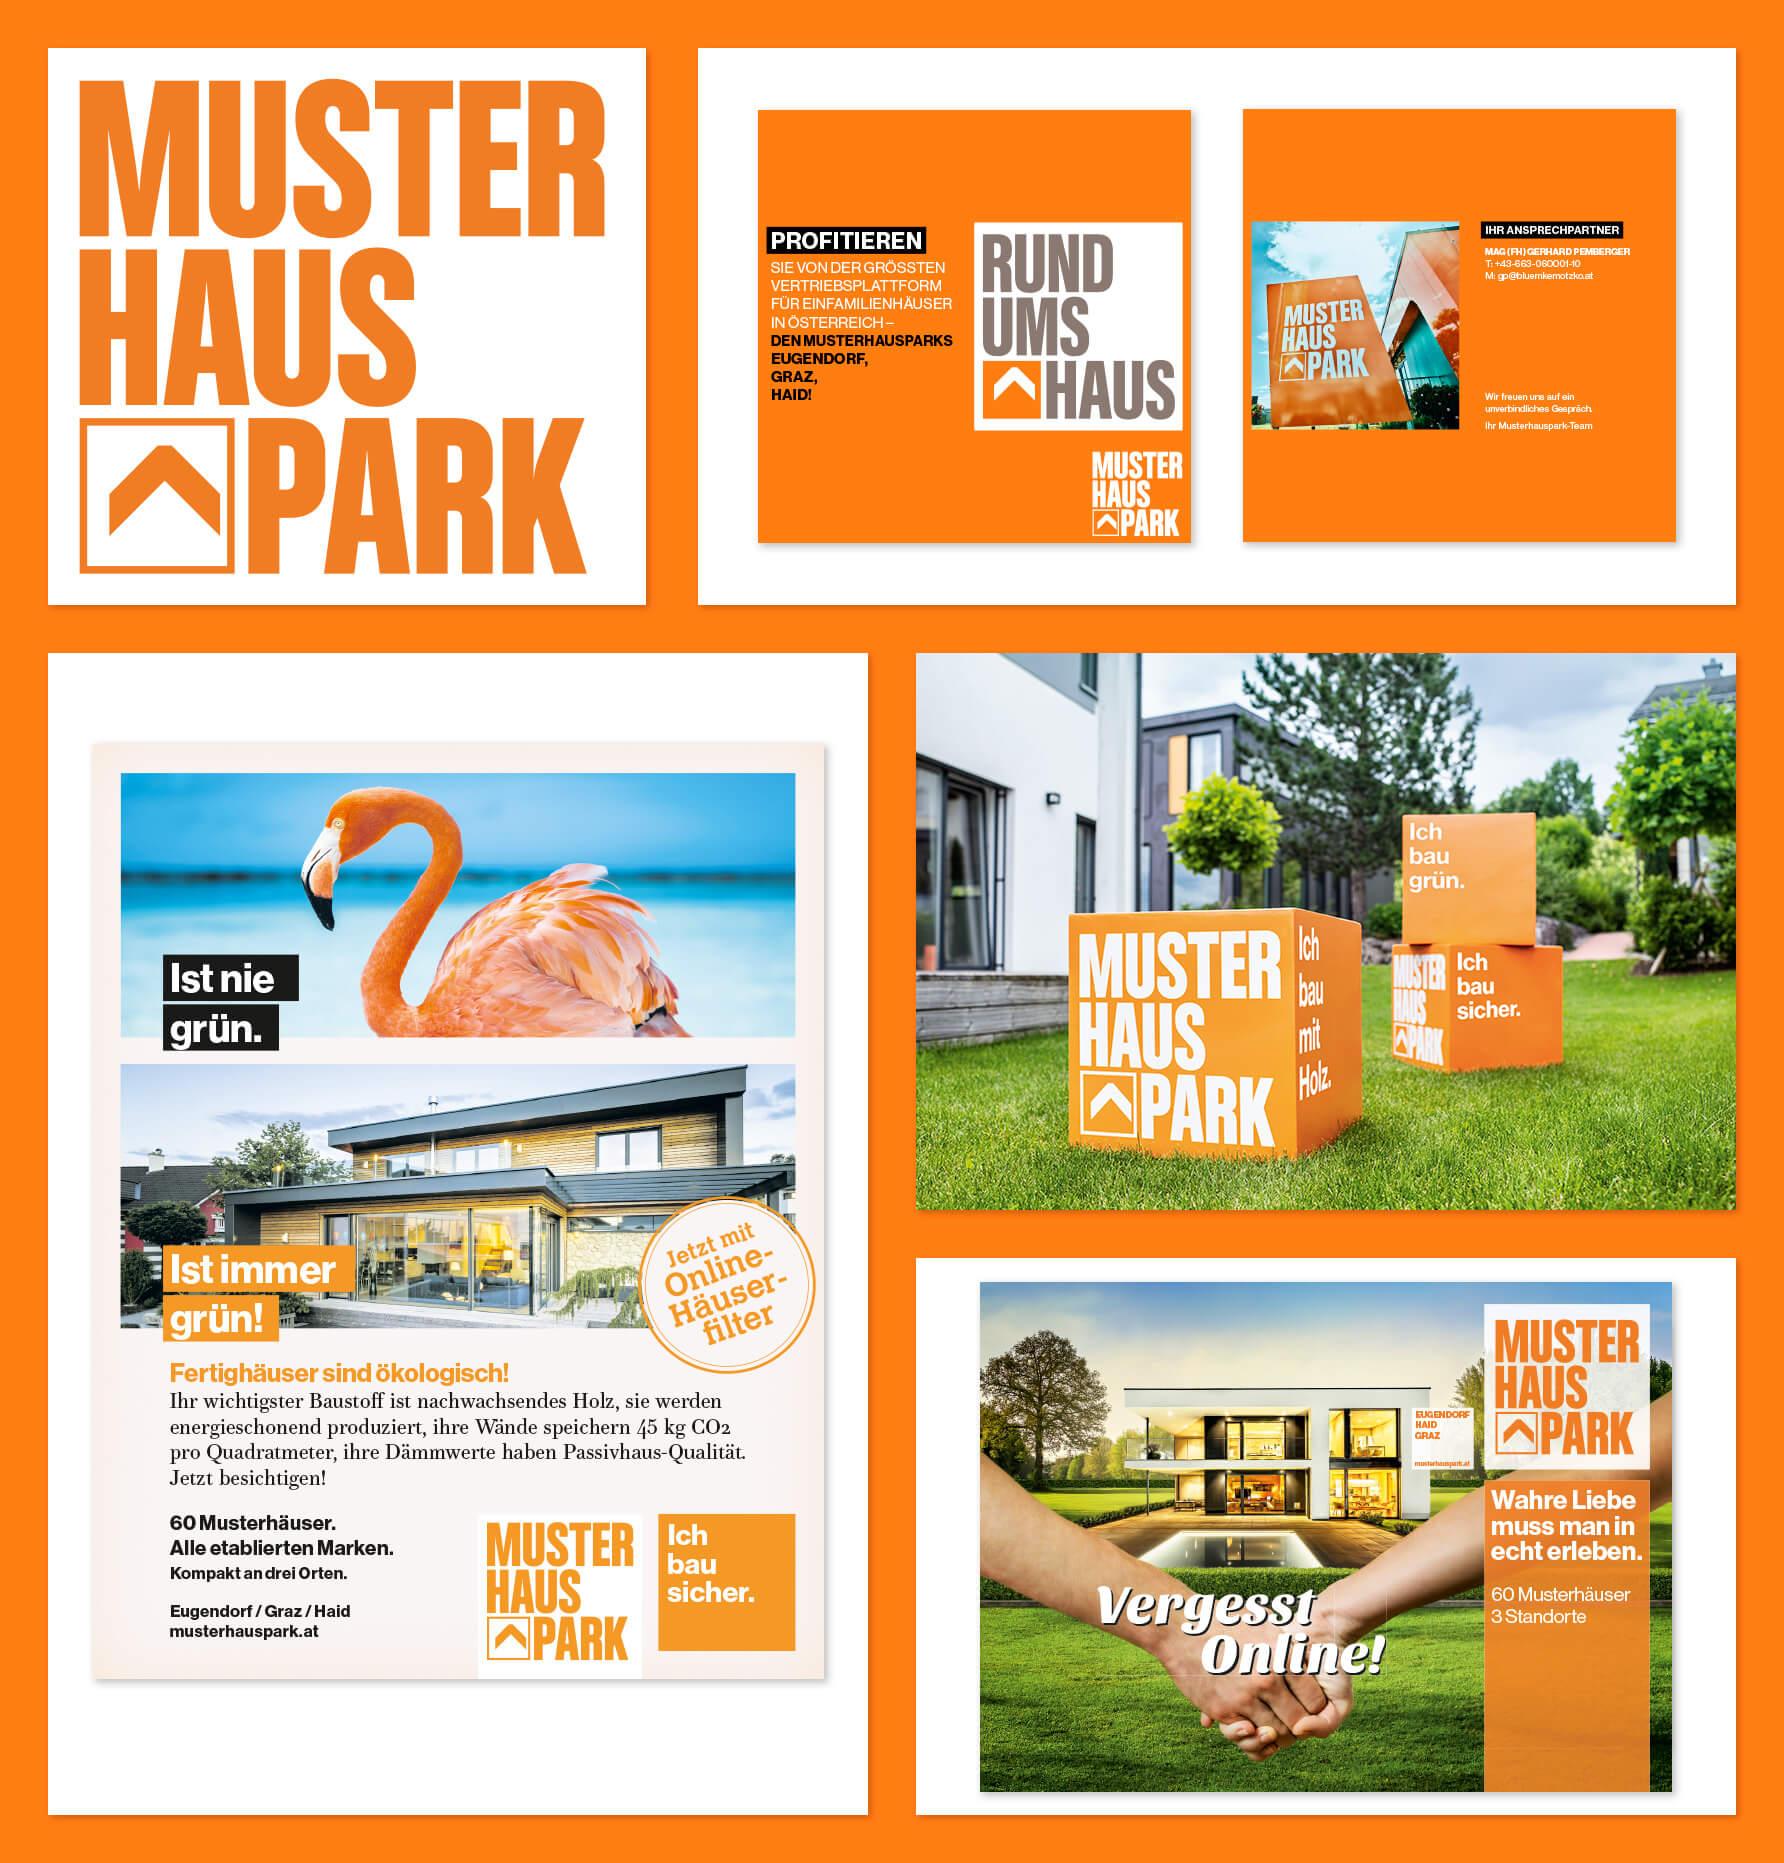 Musterhauspark